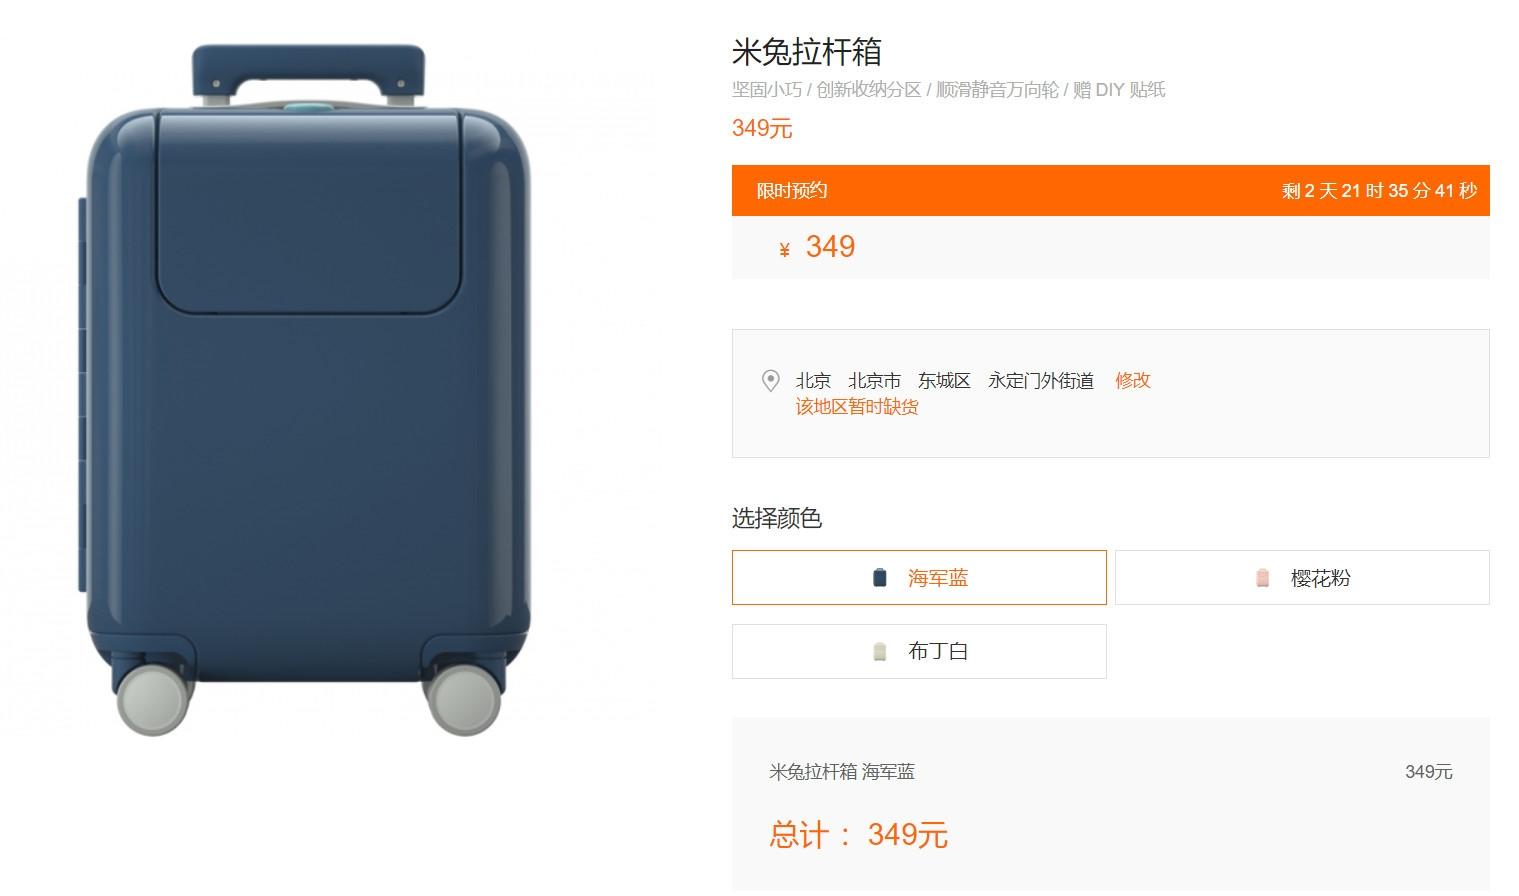 La nueva maleta para niños Xiaomi Mi Bunny Trolley fue lanzada con un precio de 349 yuanes